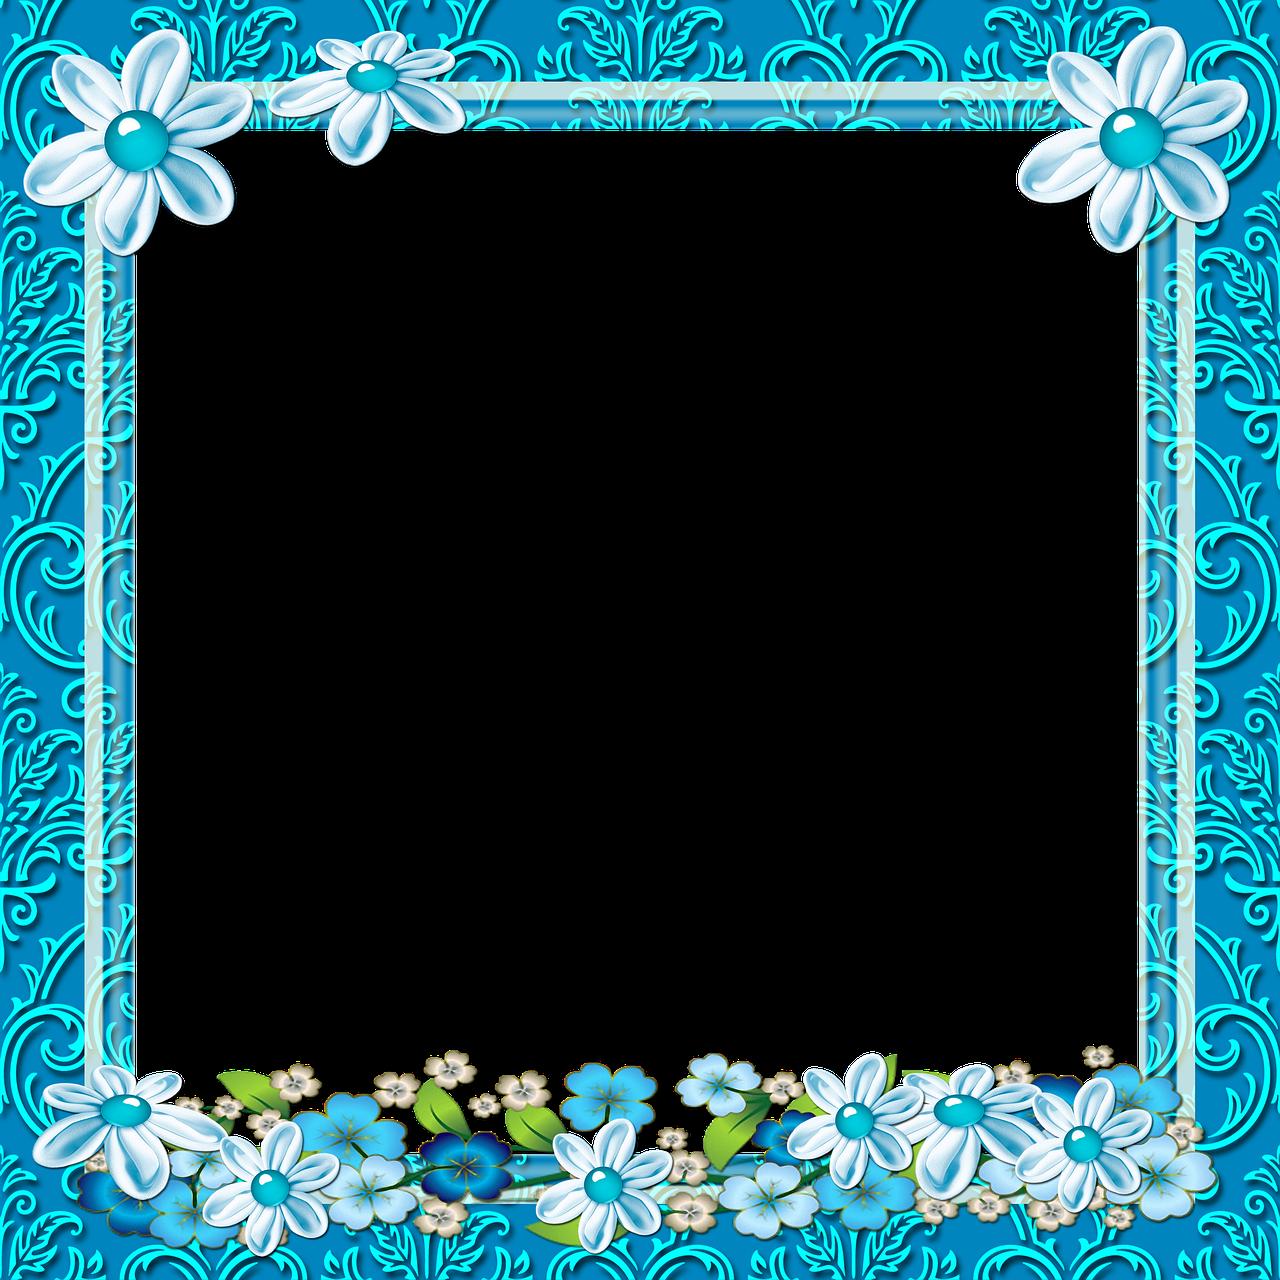 Frame photo,framework,celeste,frame floral,transparent background ...